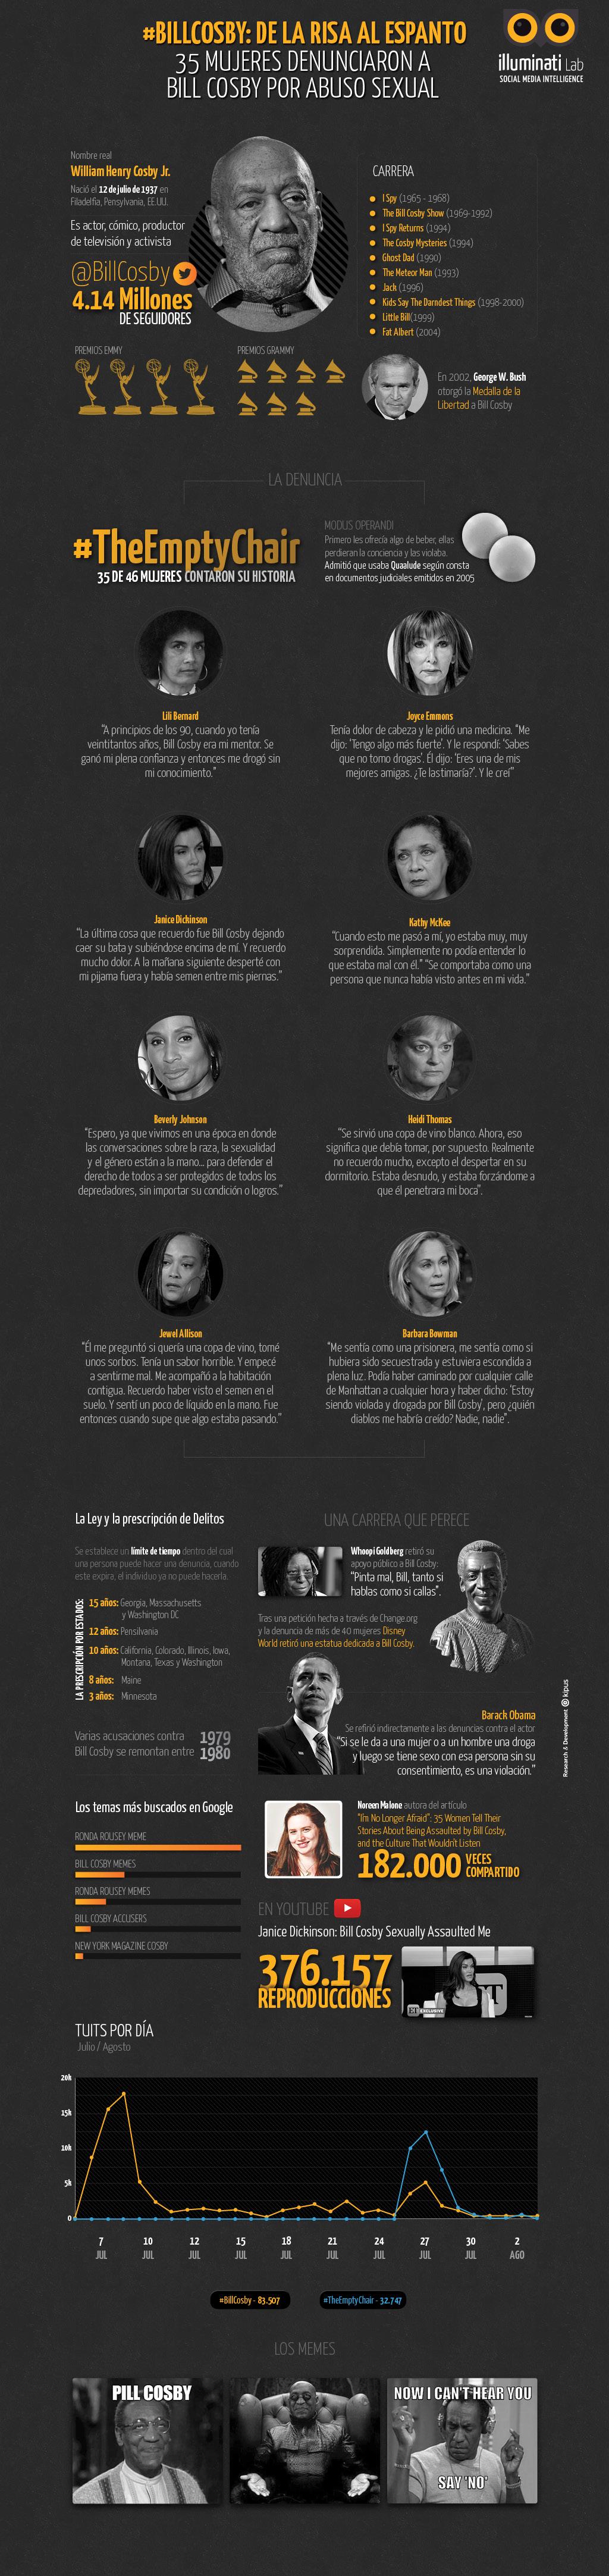 Infografía_-_Bill_Cosby